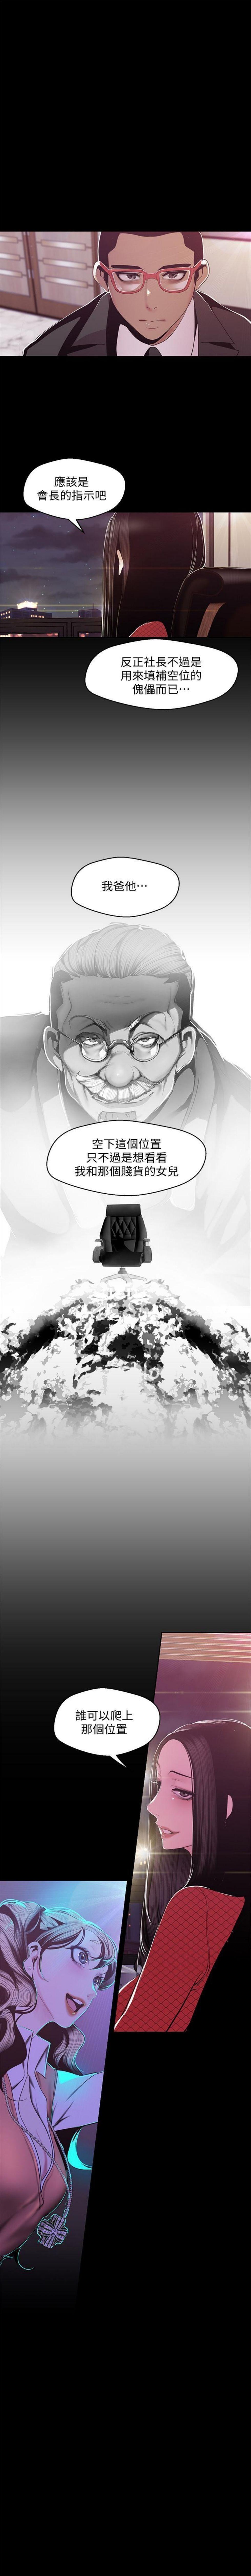 (週1)美麗新世界 1-76 中文翻譯 (更新中) 610